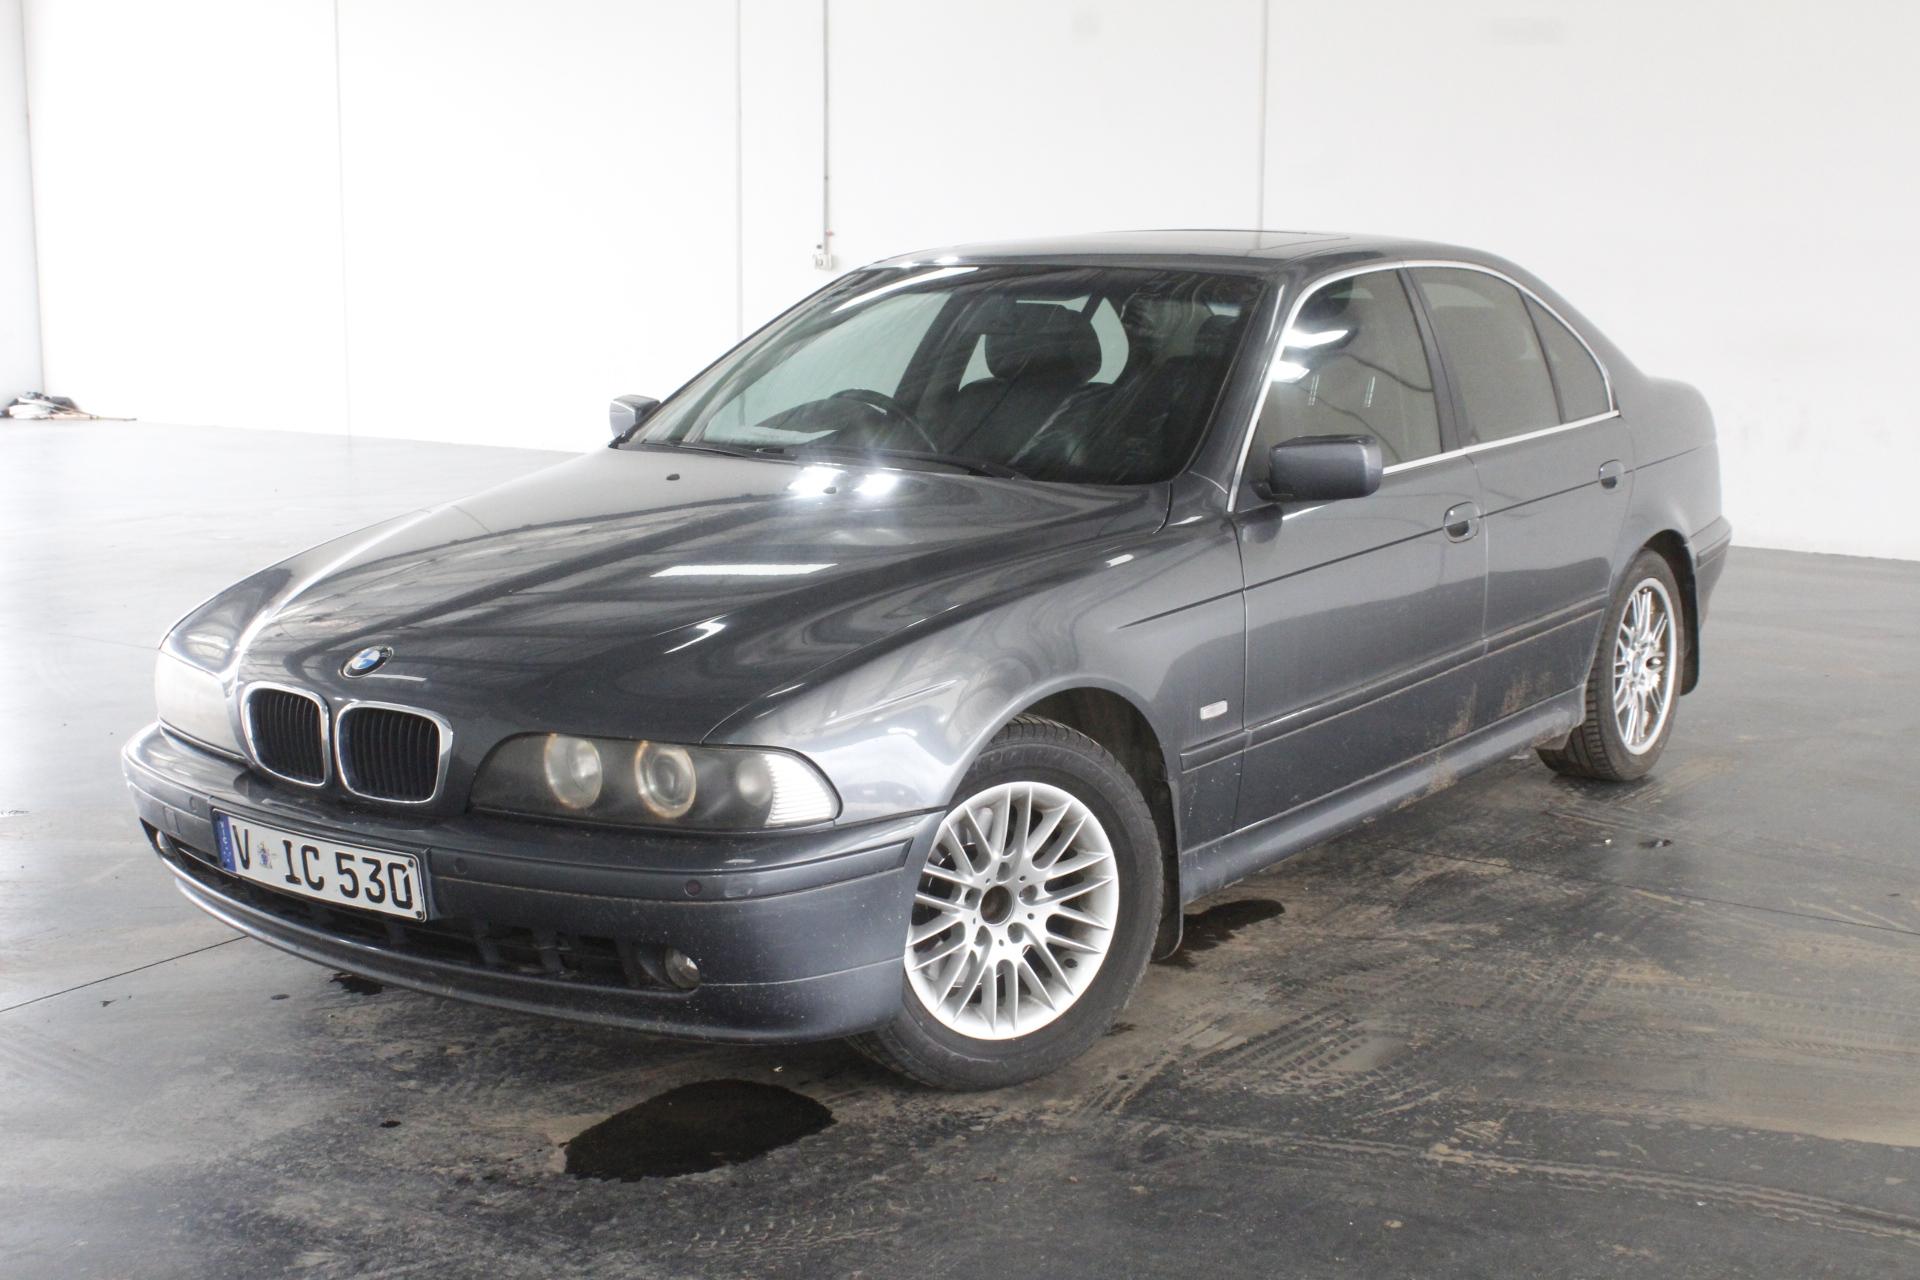 2001 BMW 5 30i Executive E39 Automatic Sedan